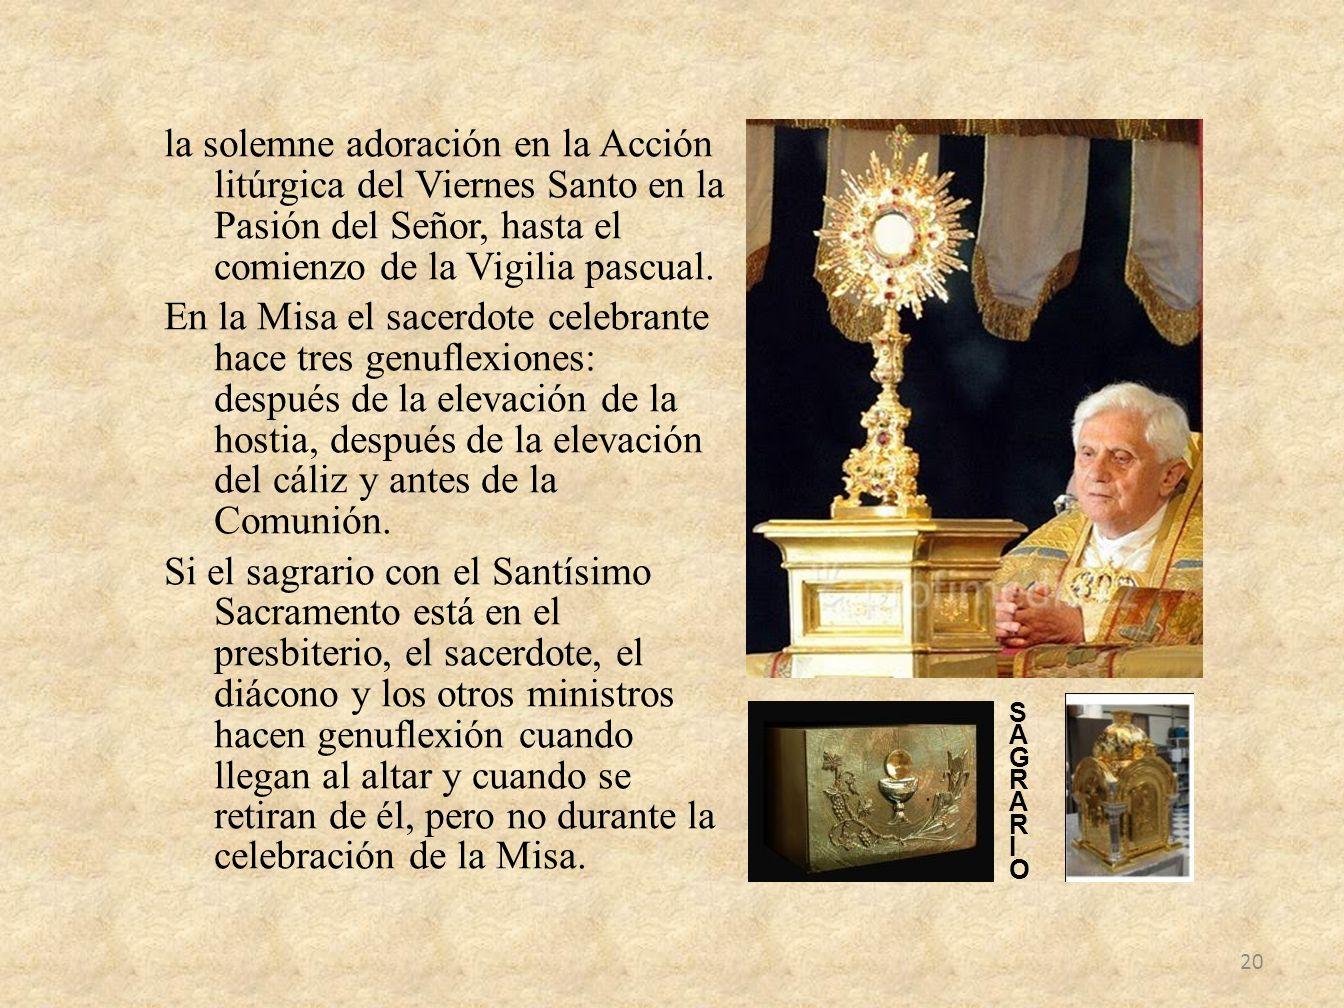 la solemne adoración en la Acción litúrgica del Viernes Santo en la Pasión del Señor, hasta el comienzo de la Vigilia pascual. En la Misa el sacerdote